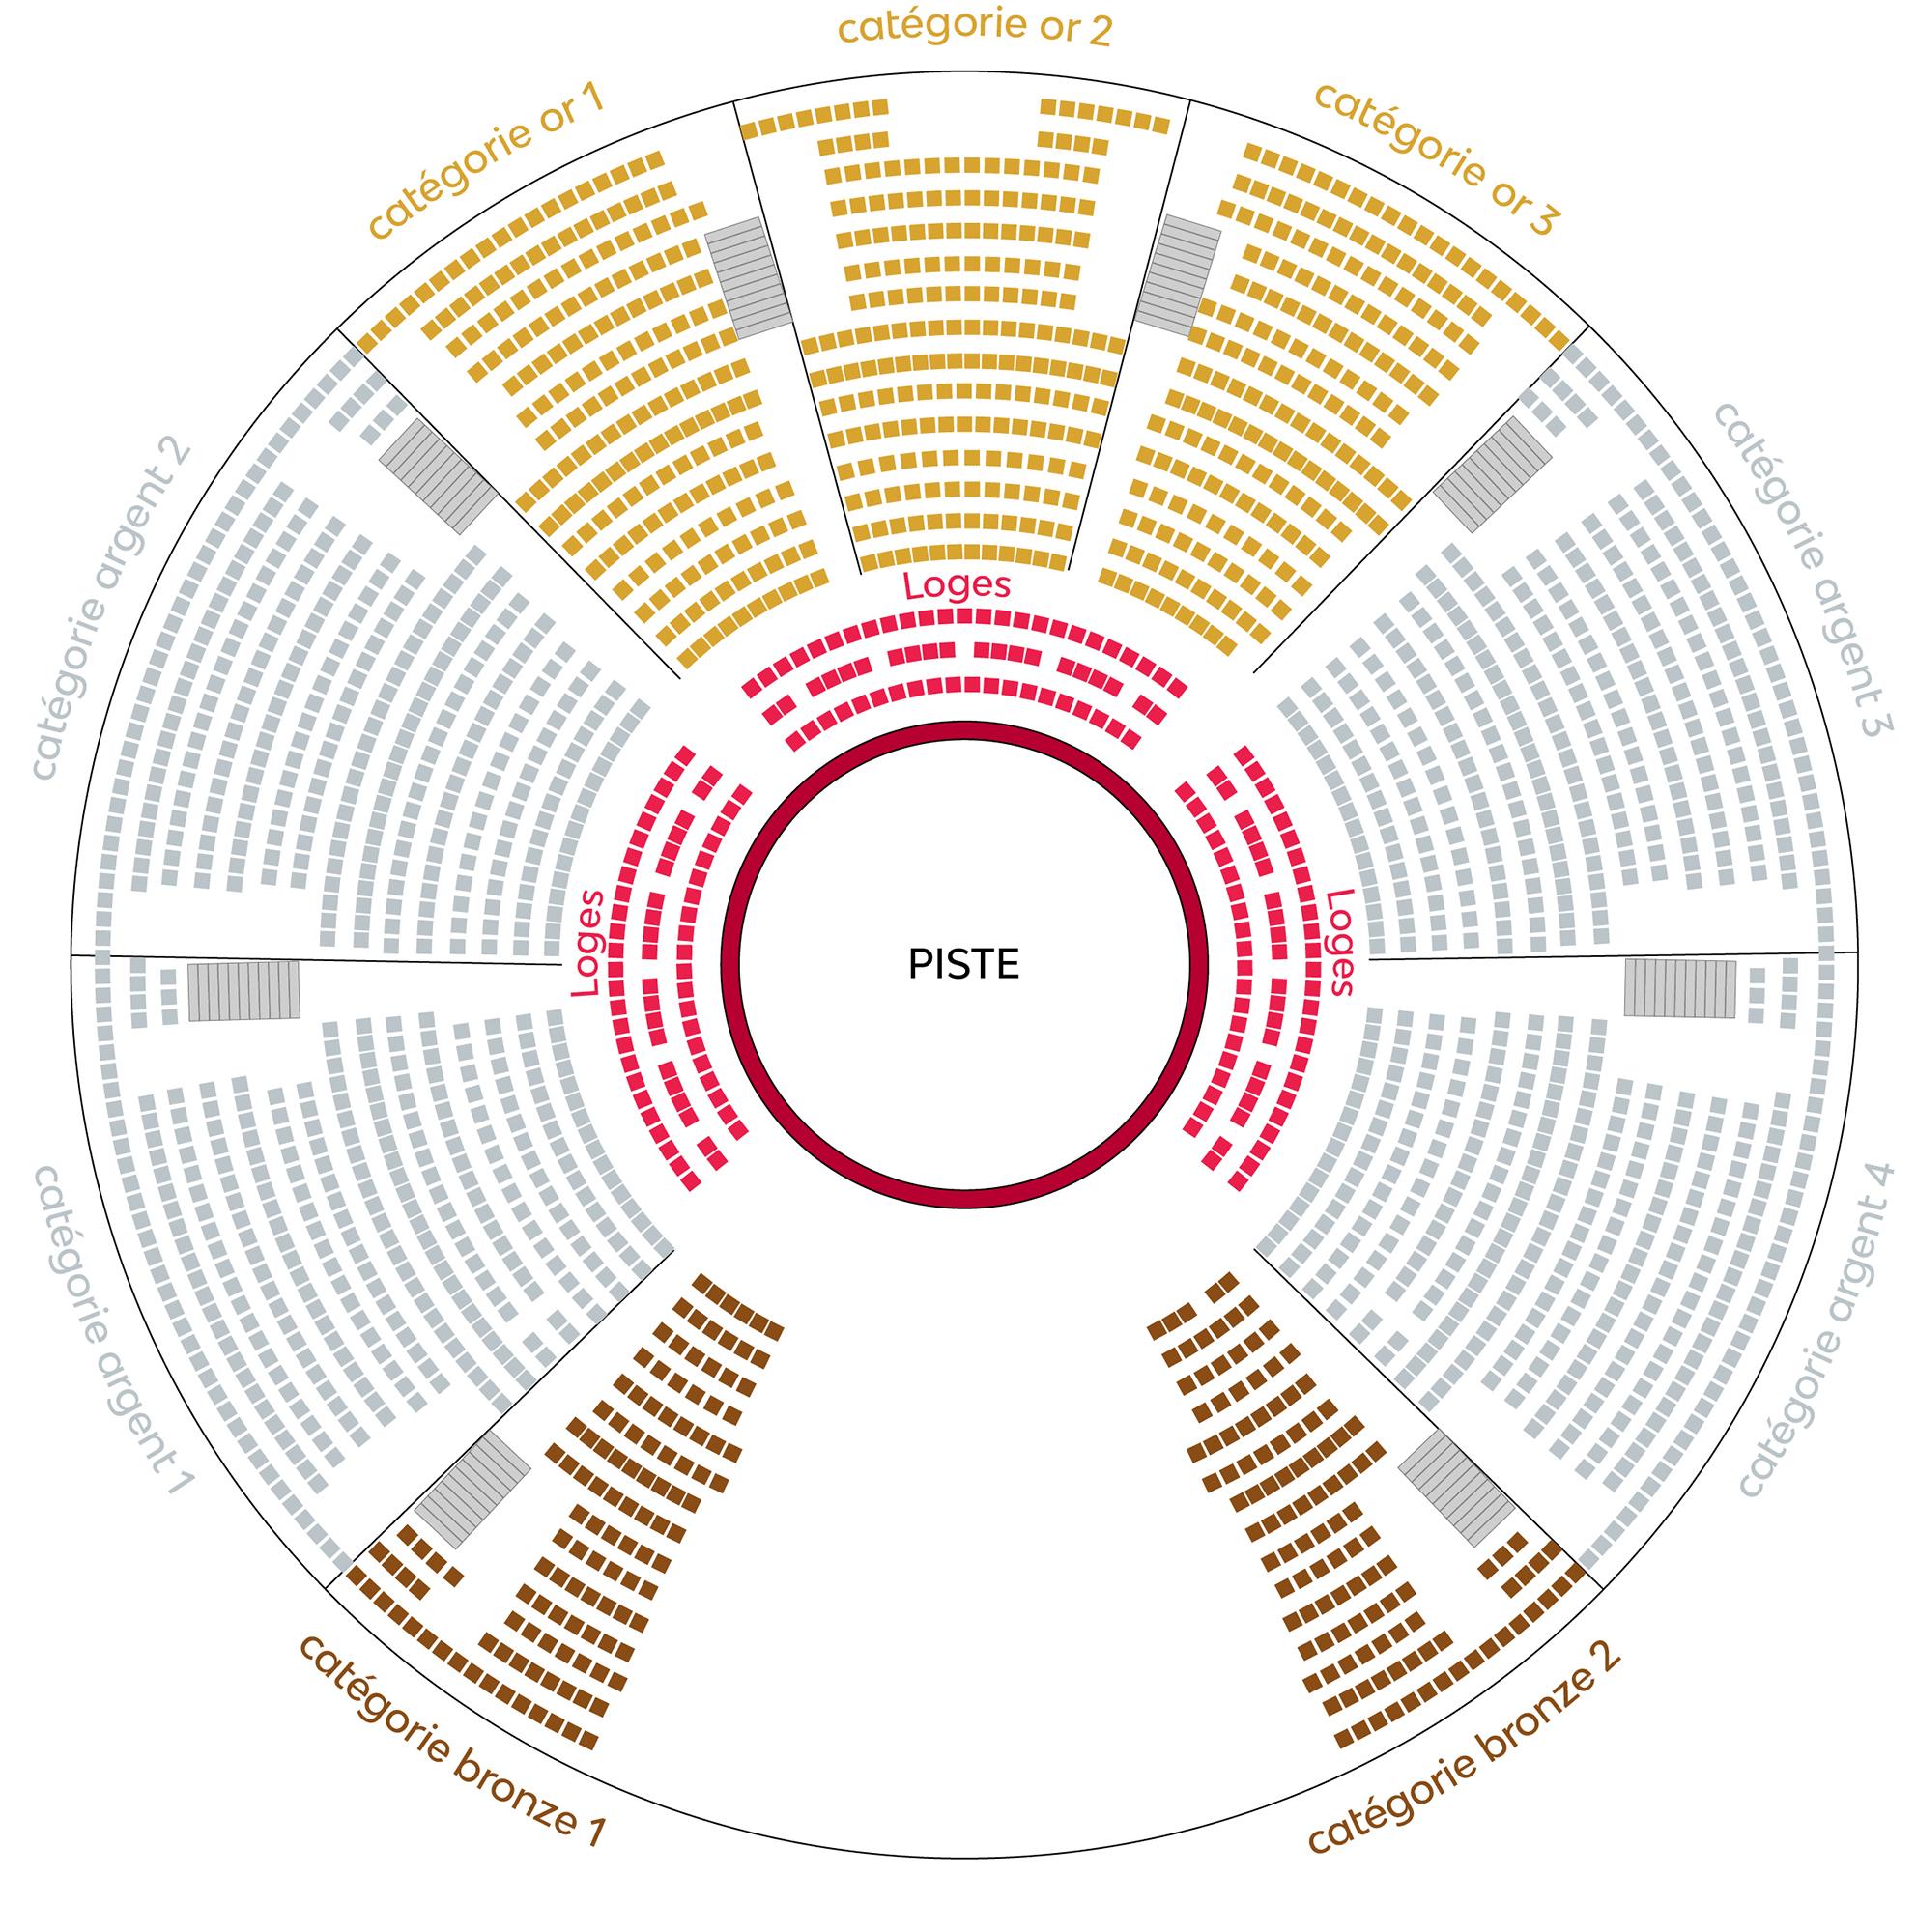 plan du chapiteau Festival du cirque des Mureaux